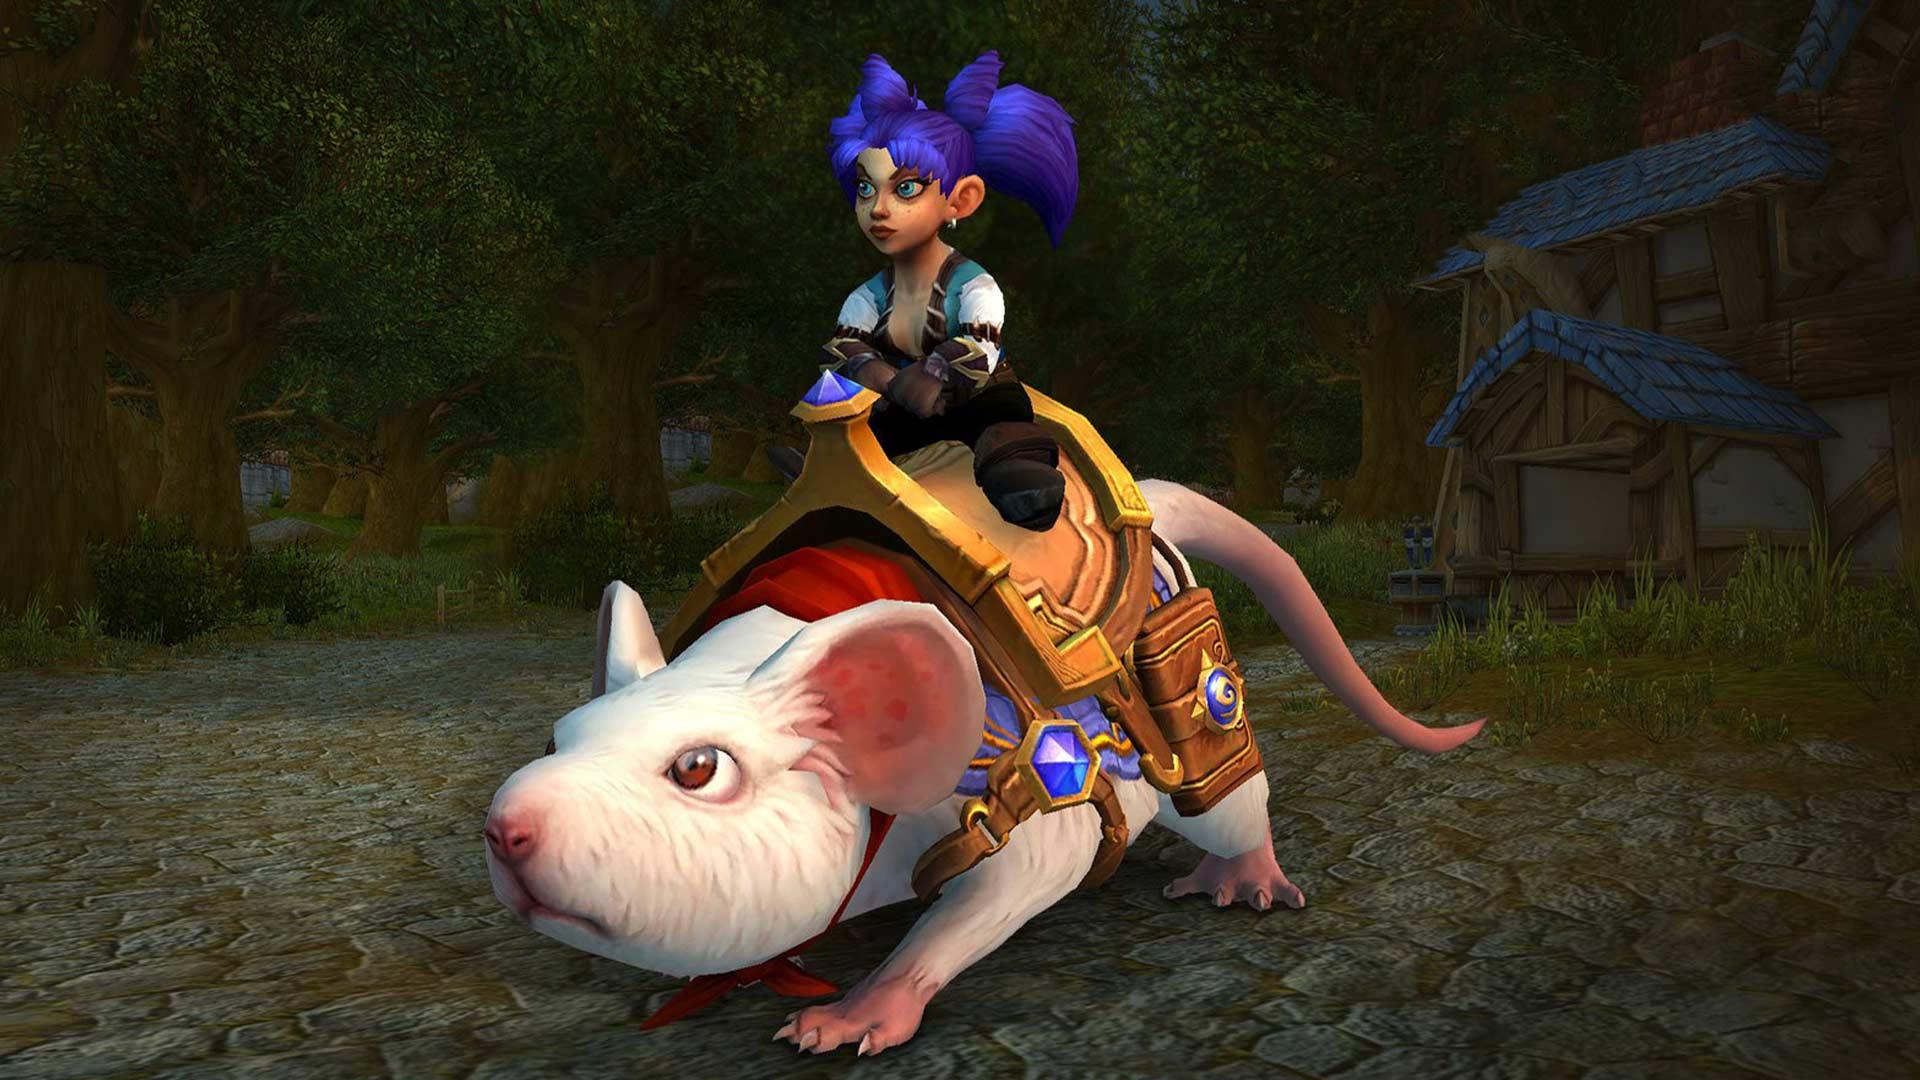 Histoire de Sergent : Une monture disponible dans World of Warcraft